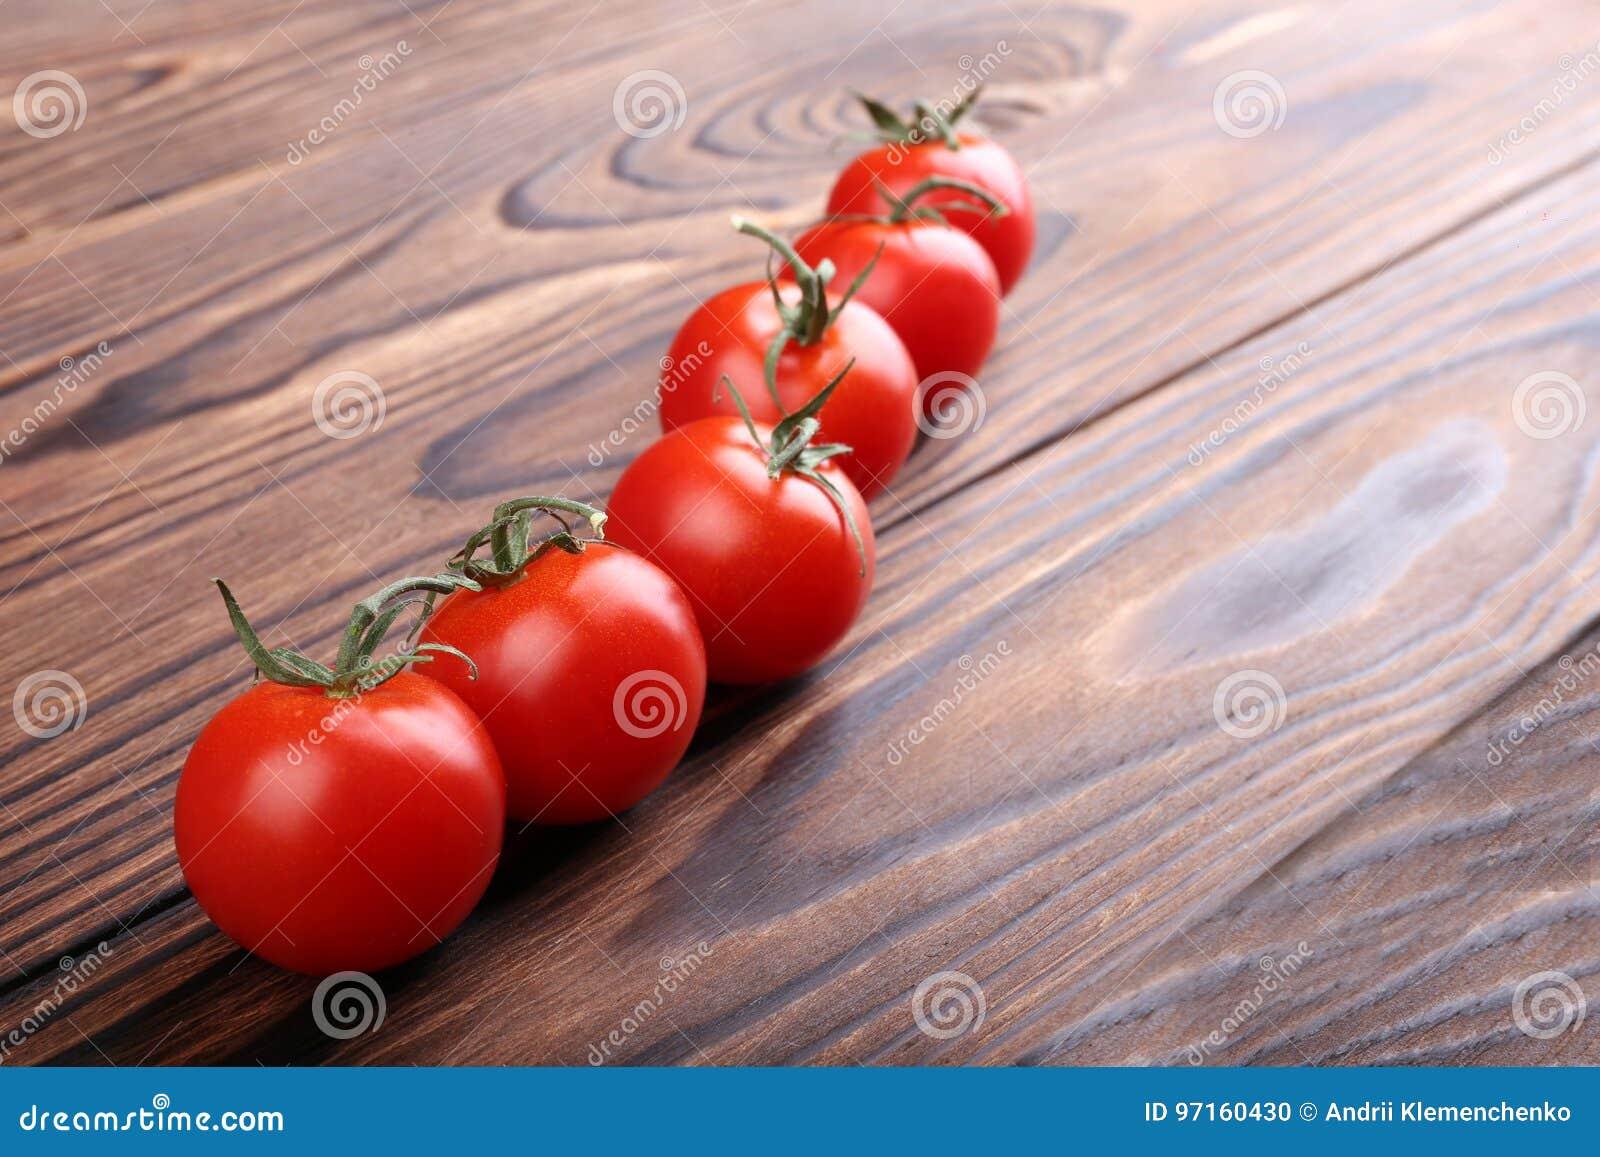 Um close-up de tomates vermelhos frescos Tomates coloridos em um fundo de madeira Ingredientes orgânicos das saladas Tomates de c